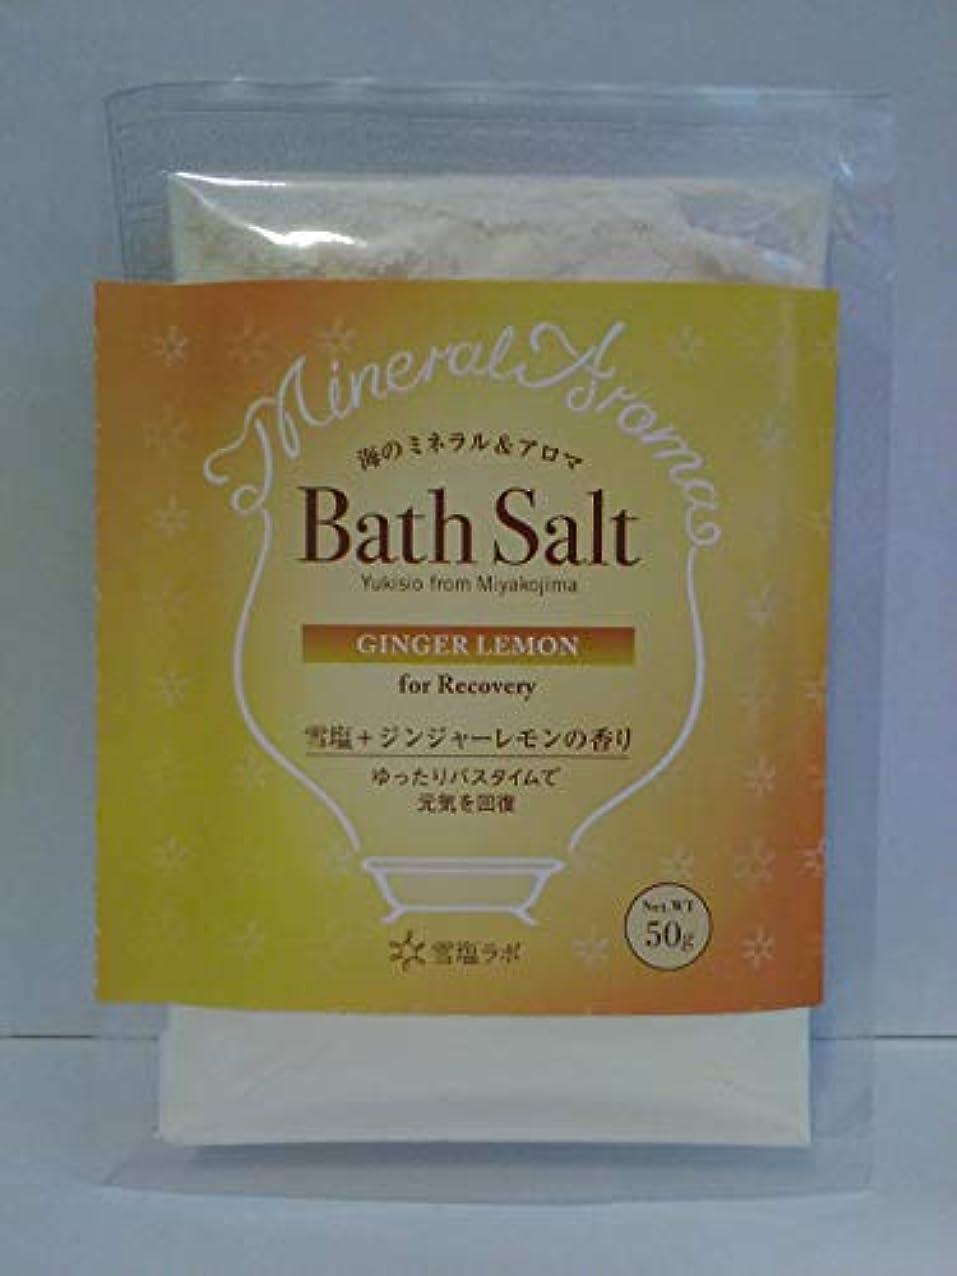 タヒチ知人エーカー海のミネラル&アロマ Bath Salt 雪塩+ジンジャーレモンの香り